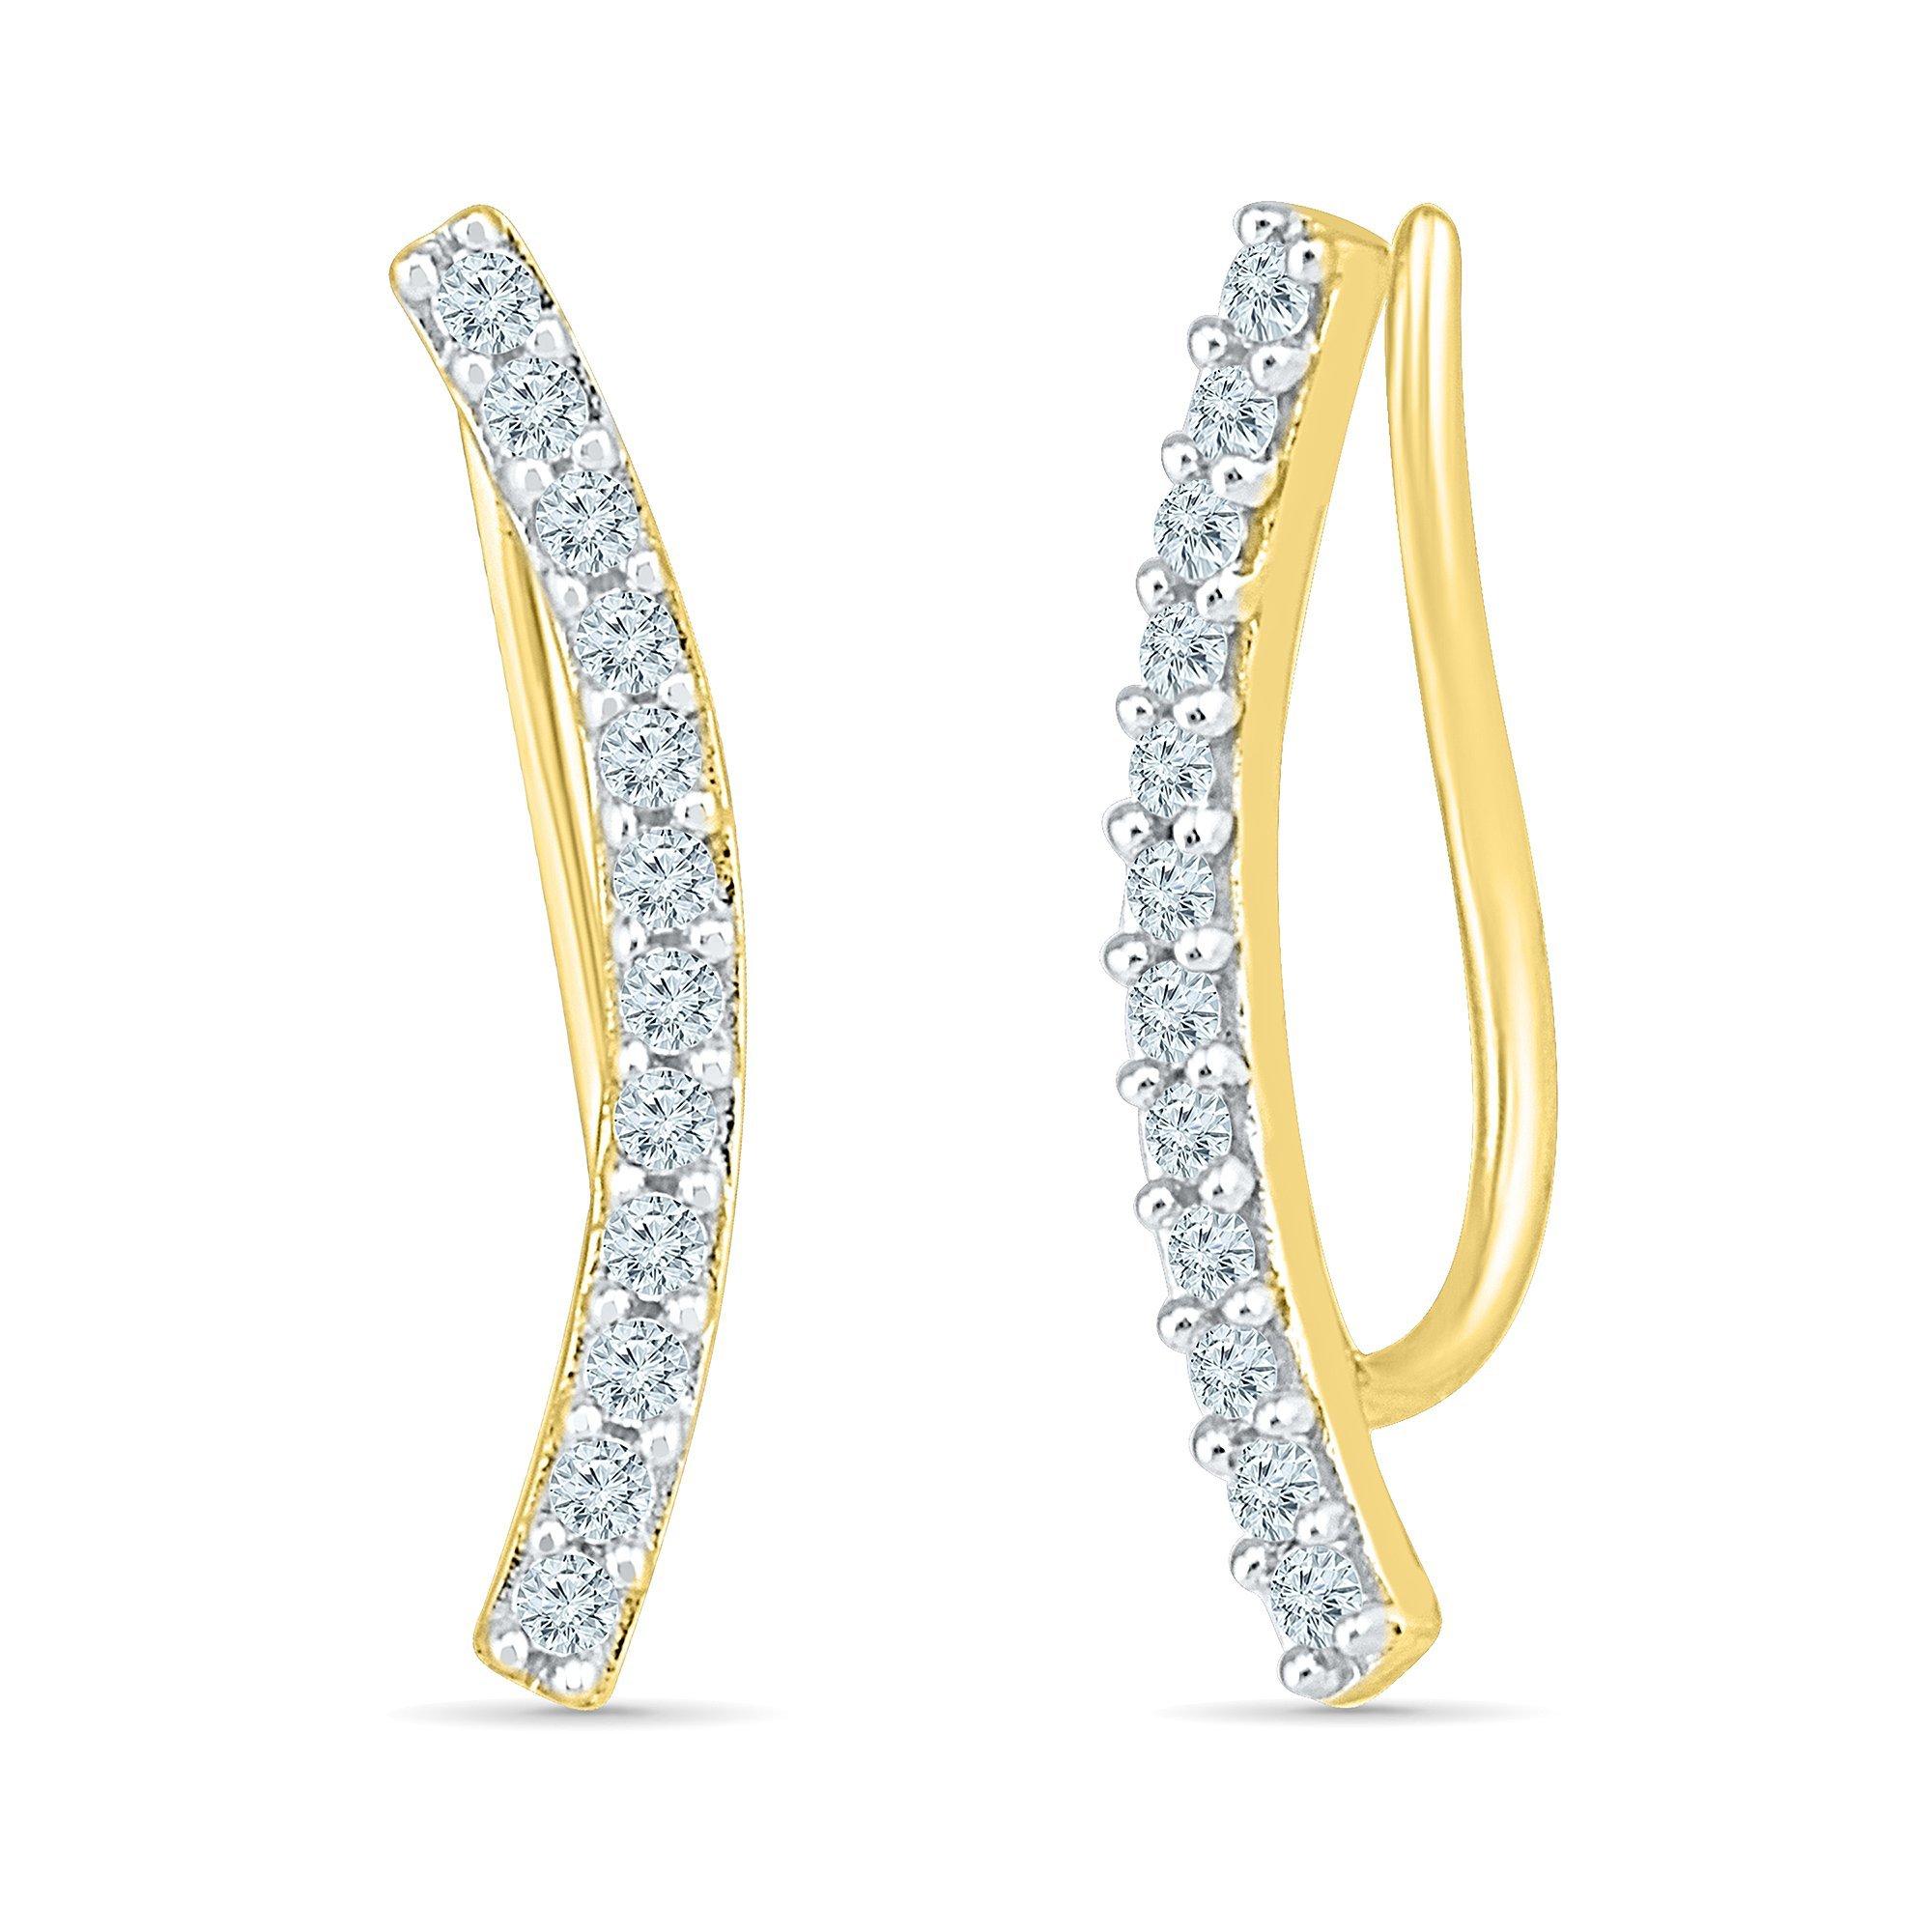 Ear Crawler Cuff Earrings In 10K Yellow Gold And Diamonds (0.40 CTTW)